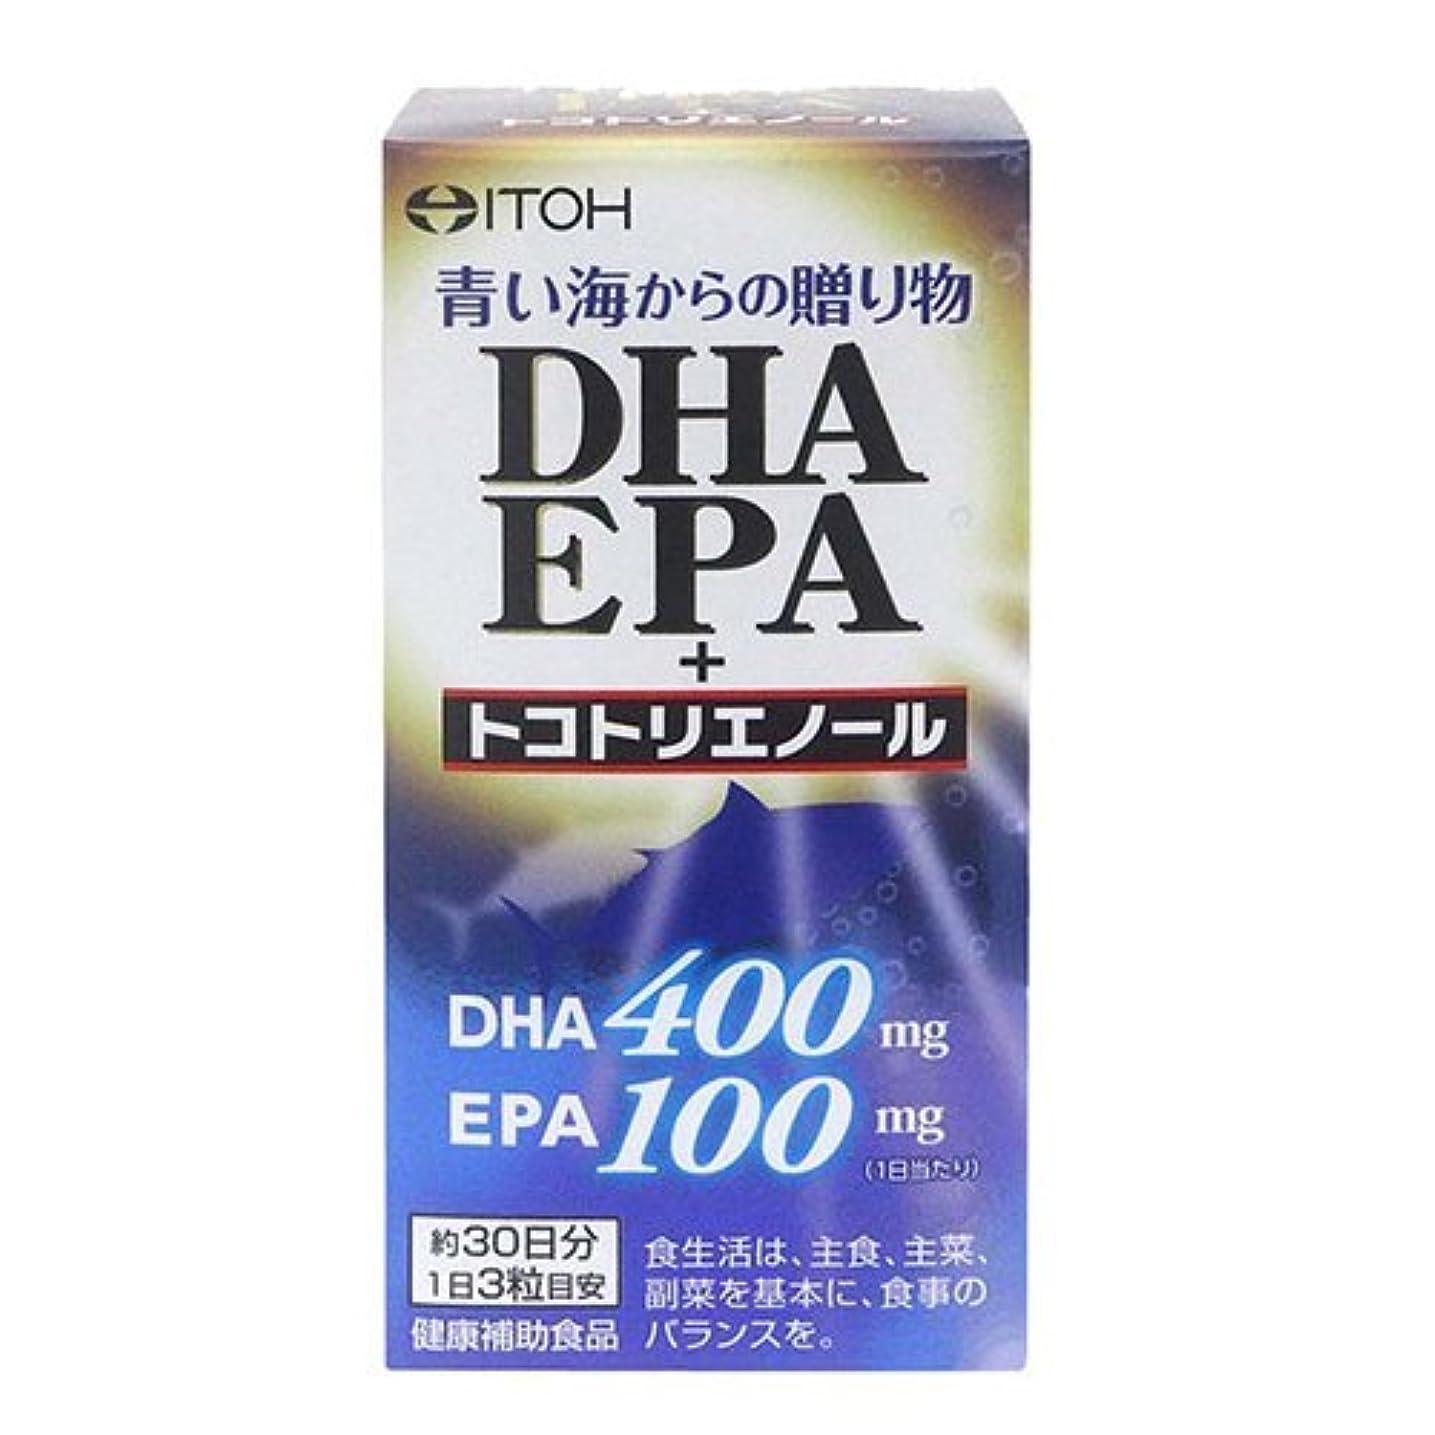 連合車連隊井藤漢方製薬 DHA EPA+トコトリエノール 約30日分 90粒 Japan